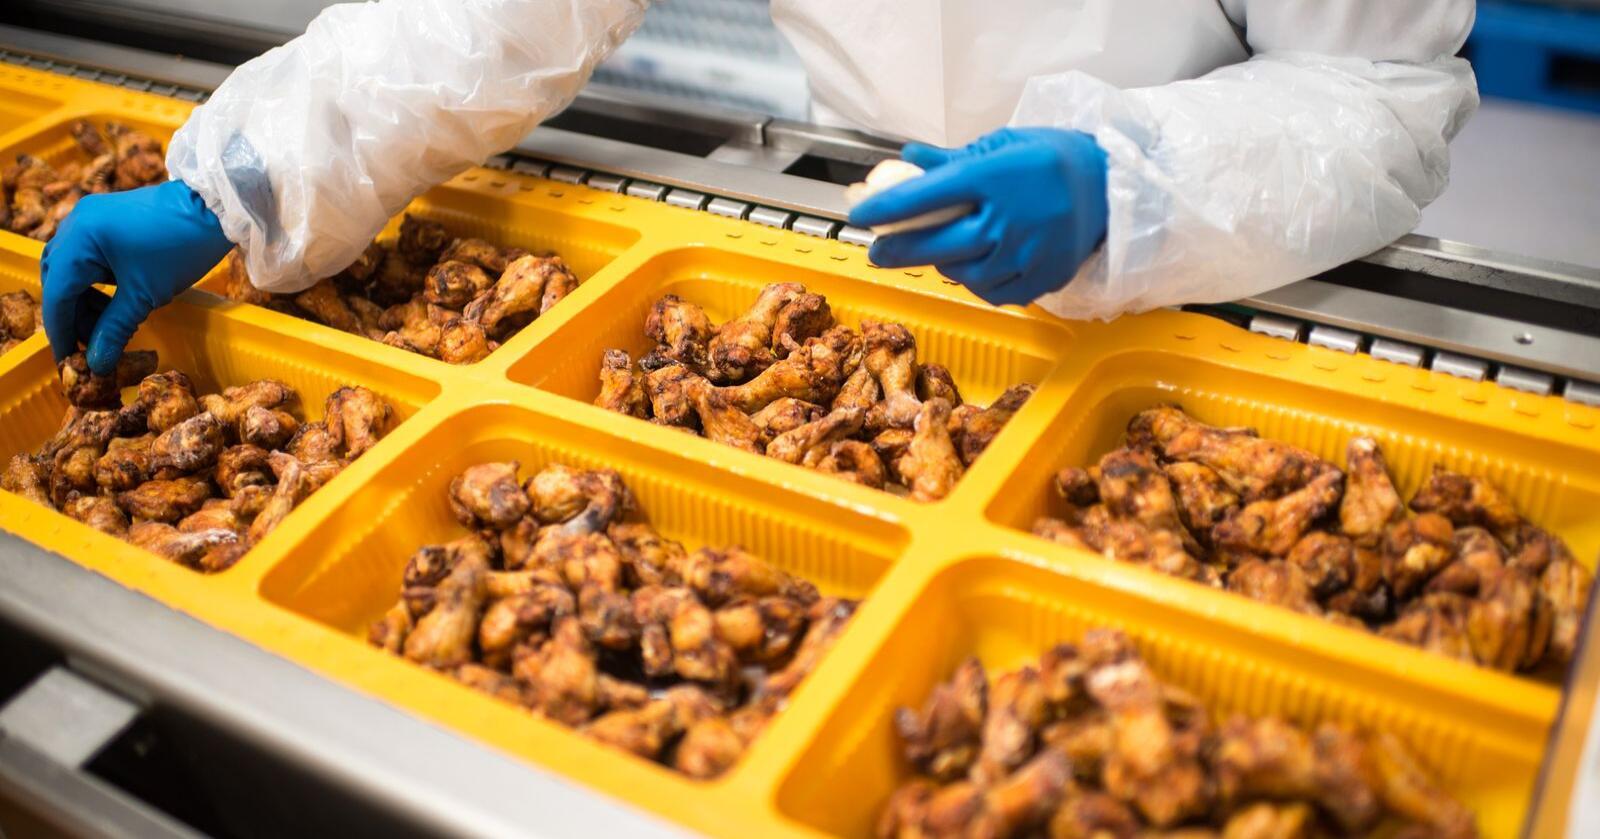 Norsk Kylling ble ikke konsultert før presentasjonen av en rapport som ble brukt til å kritisere slakteriets eiere. Illustrasjonsfoto: Ketil Blom Haugstulen